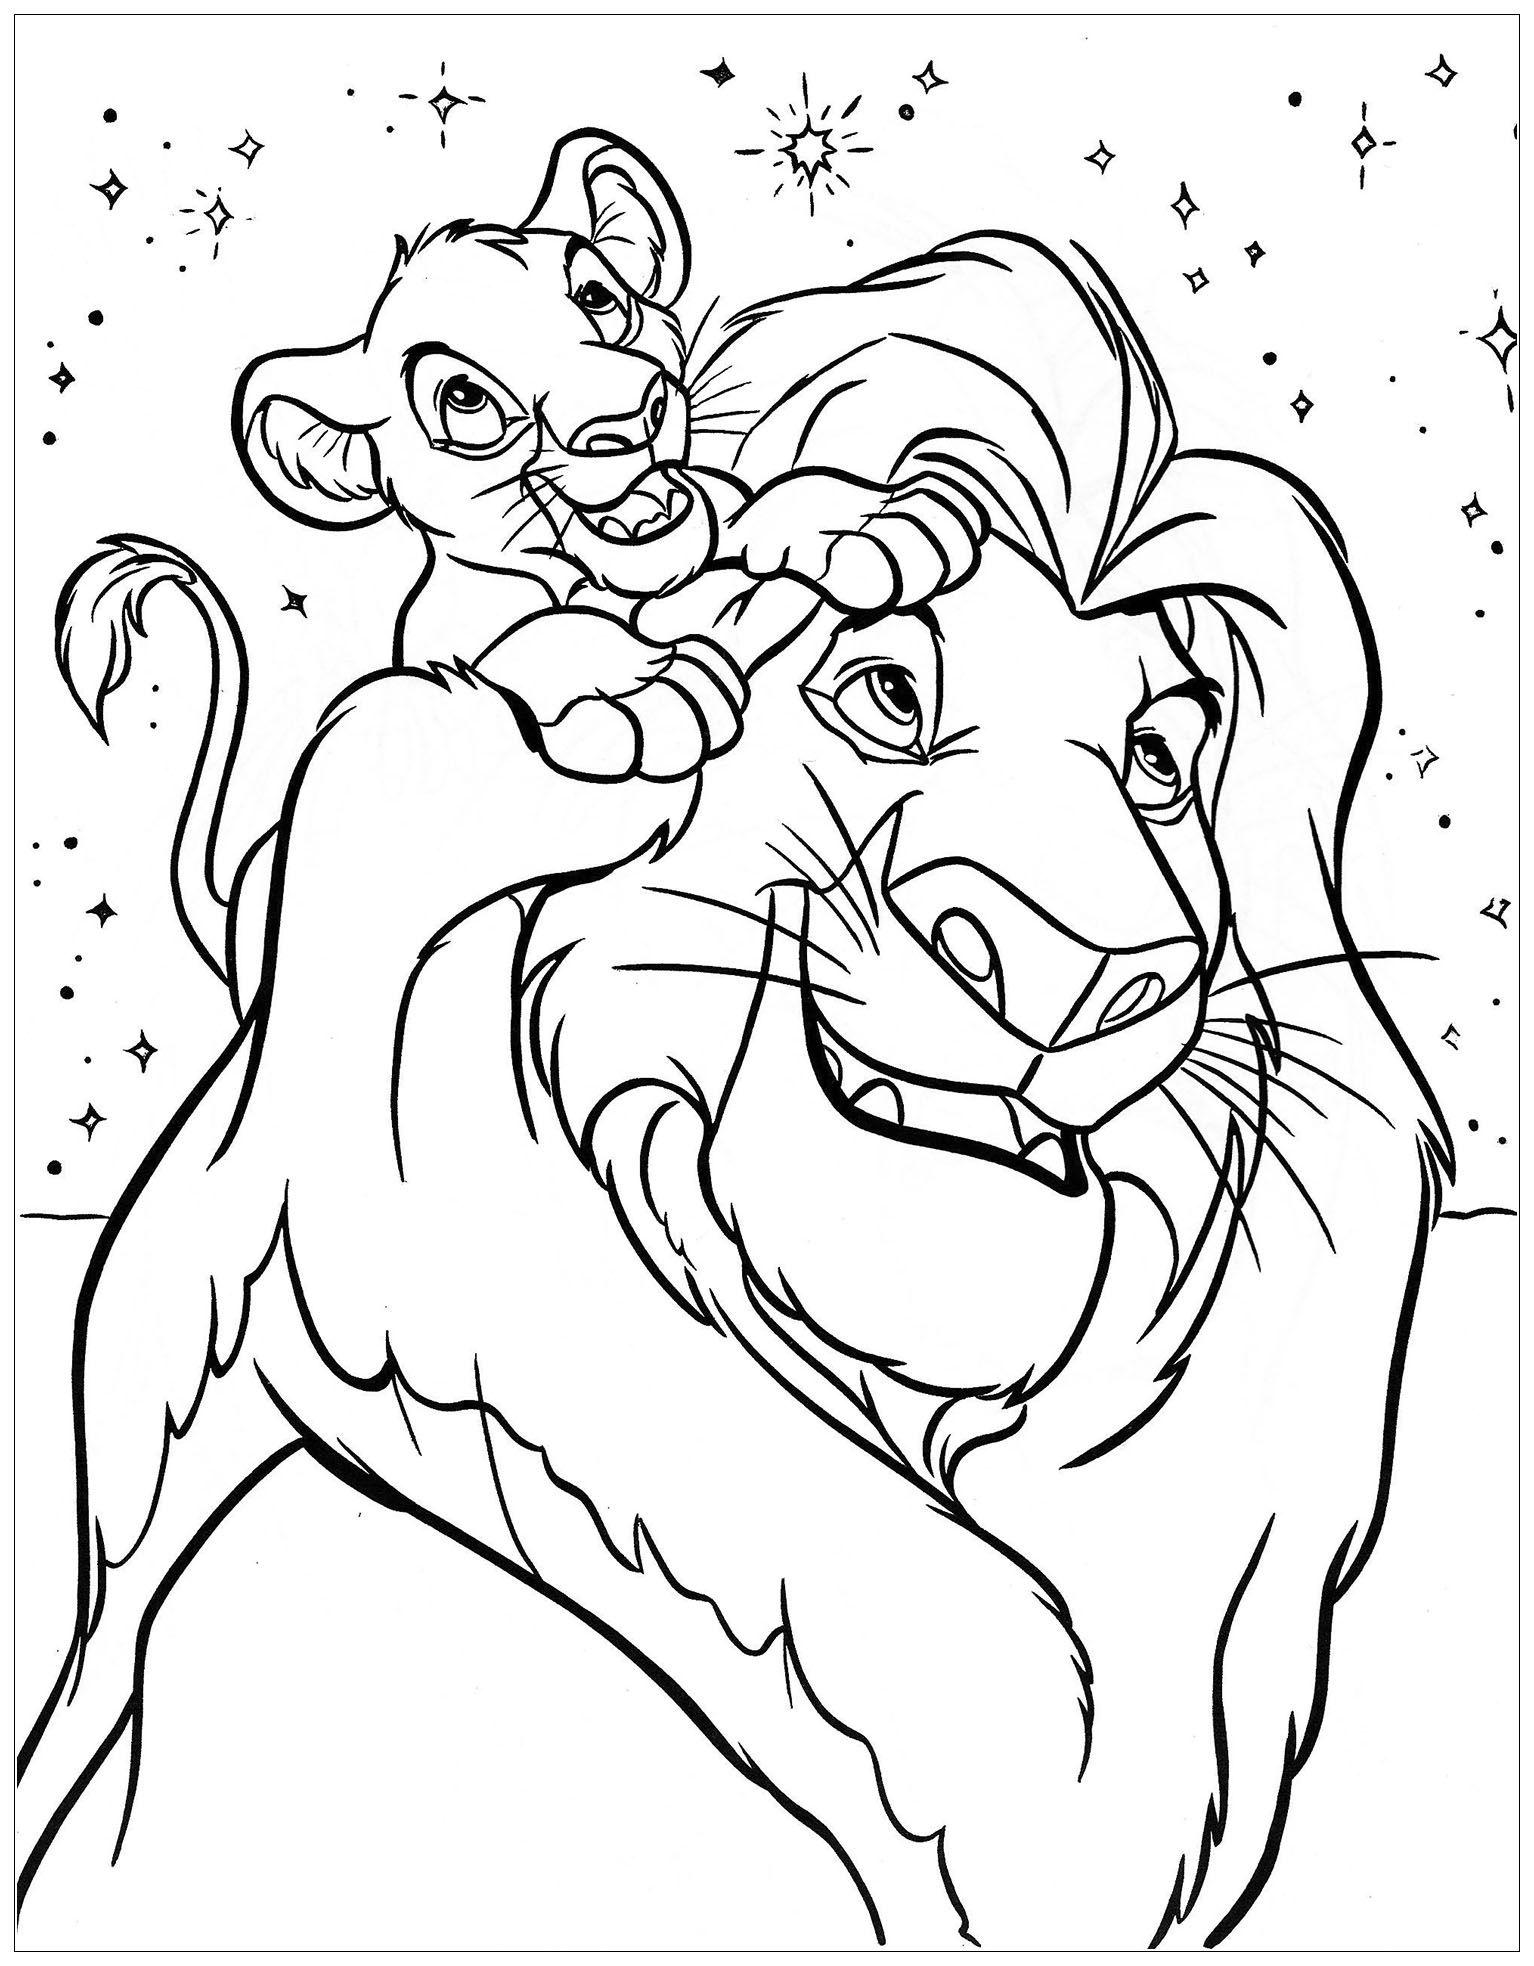 Simba et son père - Coloriage facile du Roi Lion avec Simba et son